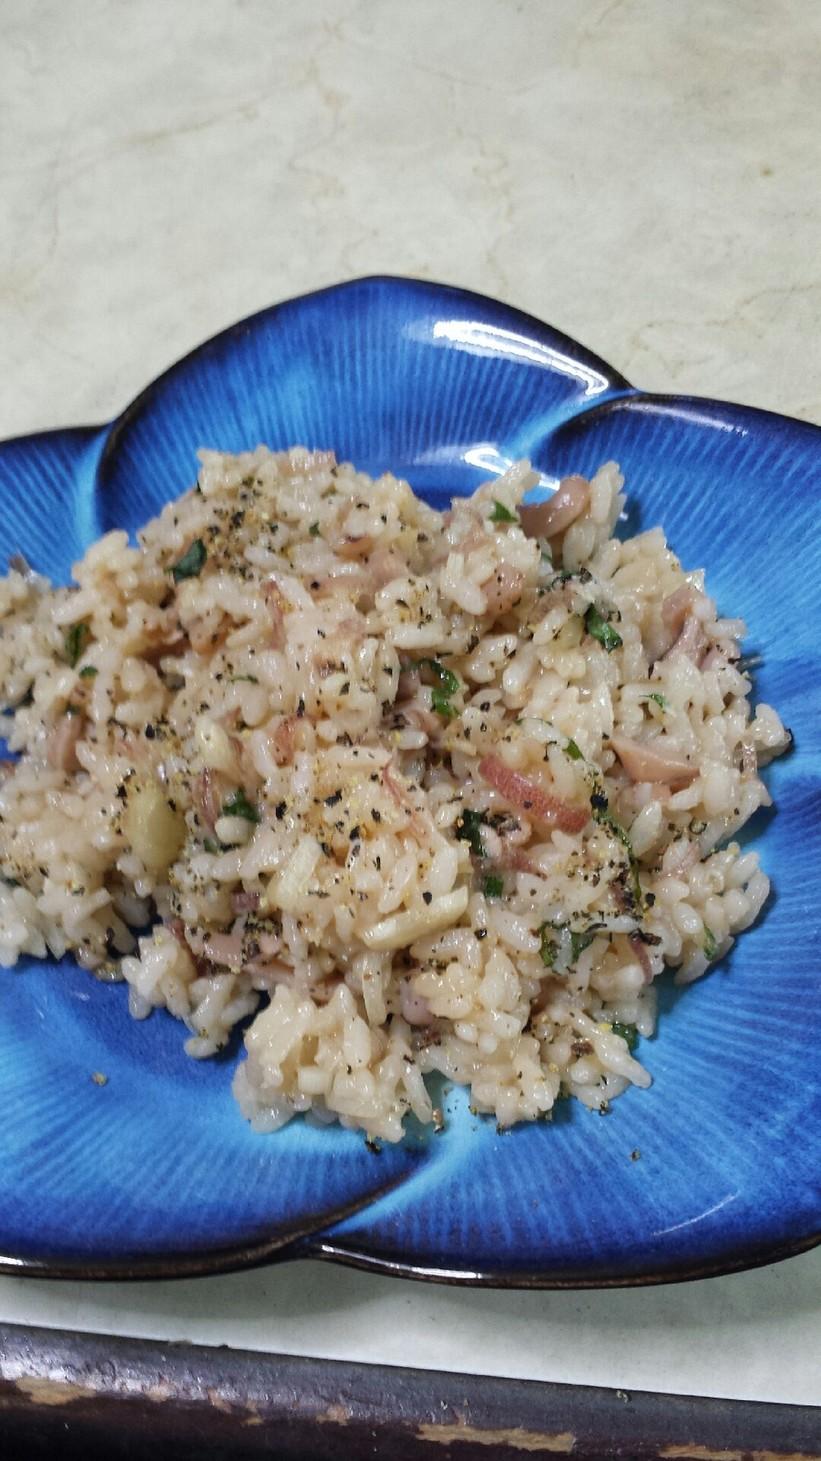 塩辛で簡単 美味しい混ぜご飯